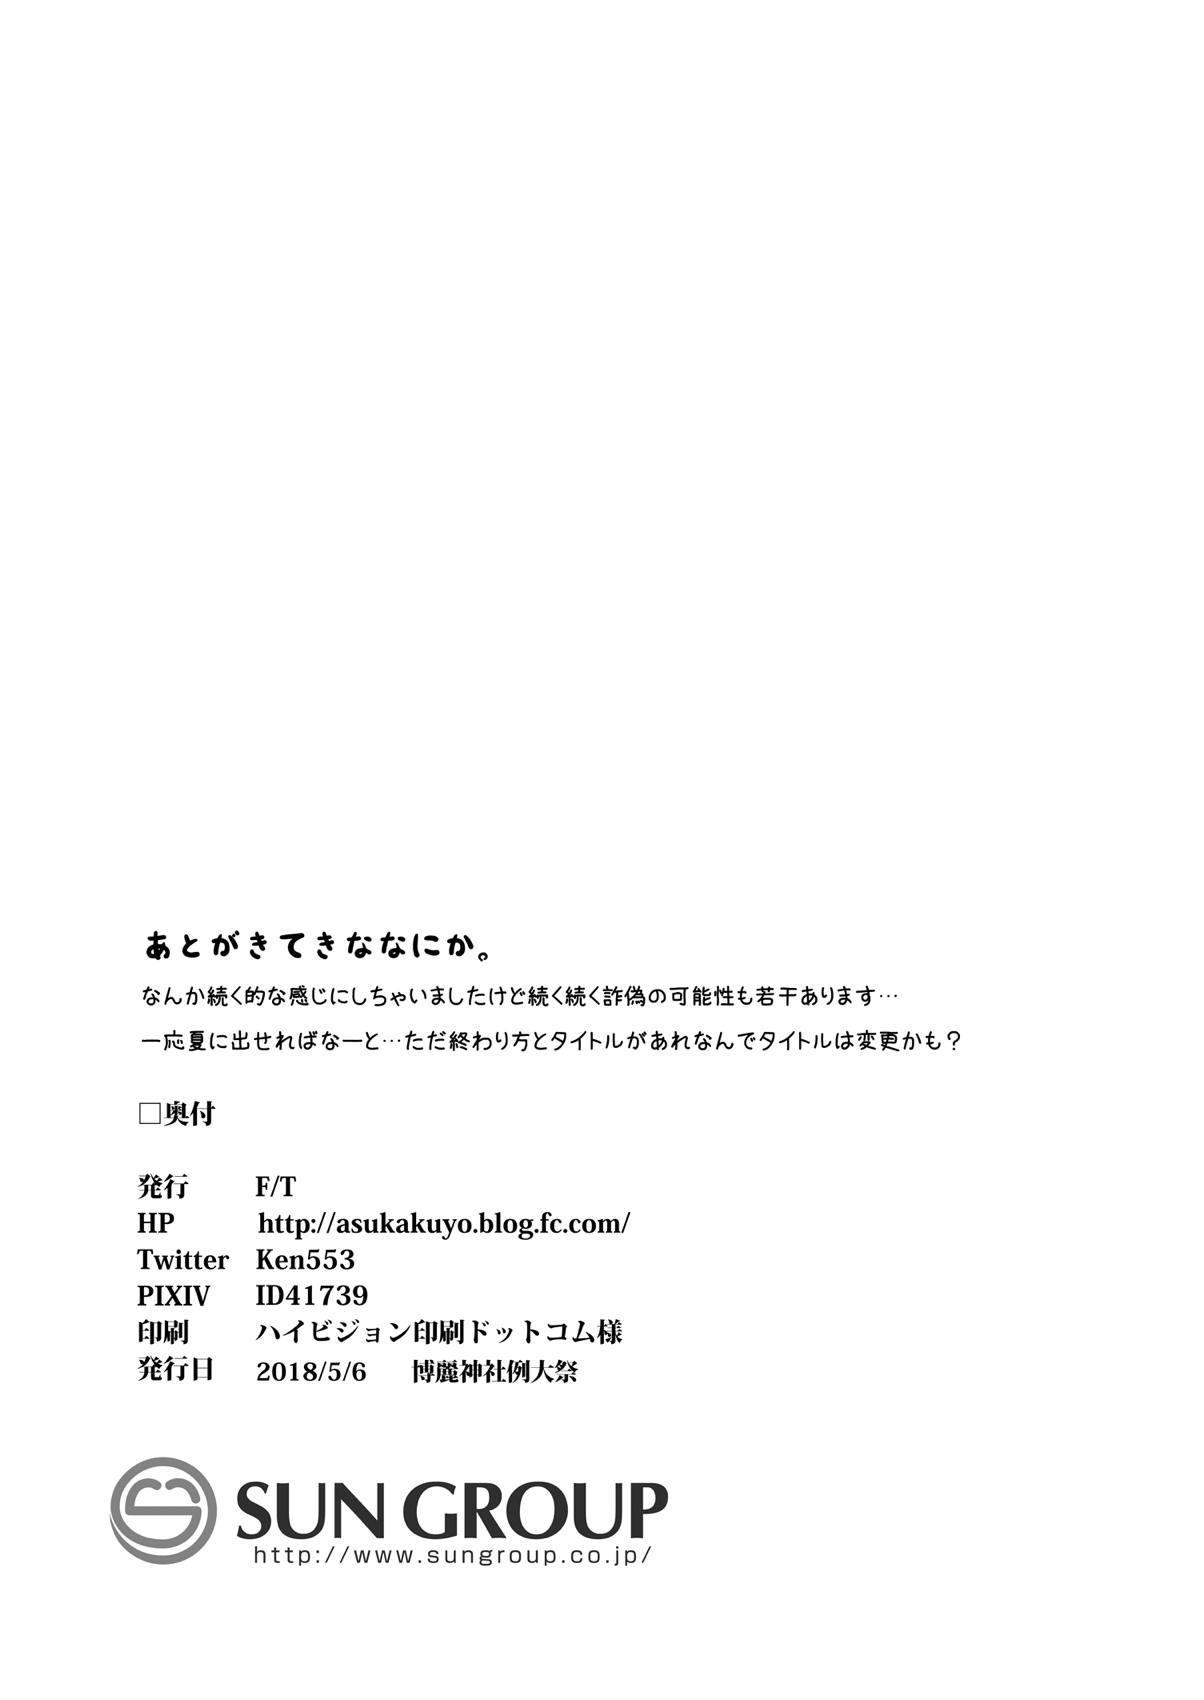 Aya-chan no Oshiri o Choukyou Suru dake no Hon 22